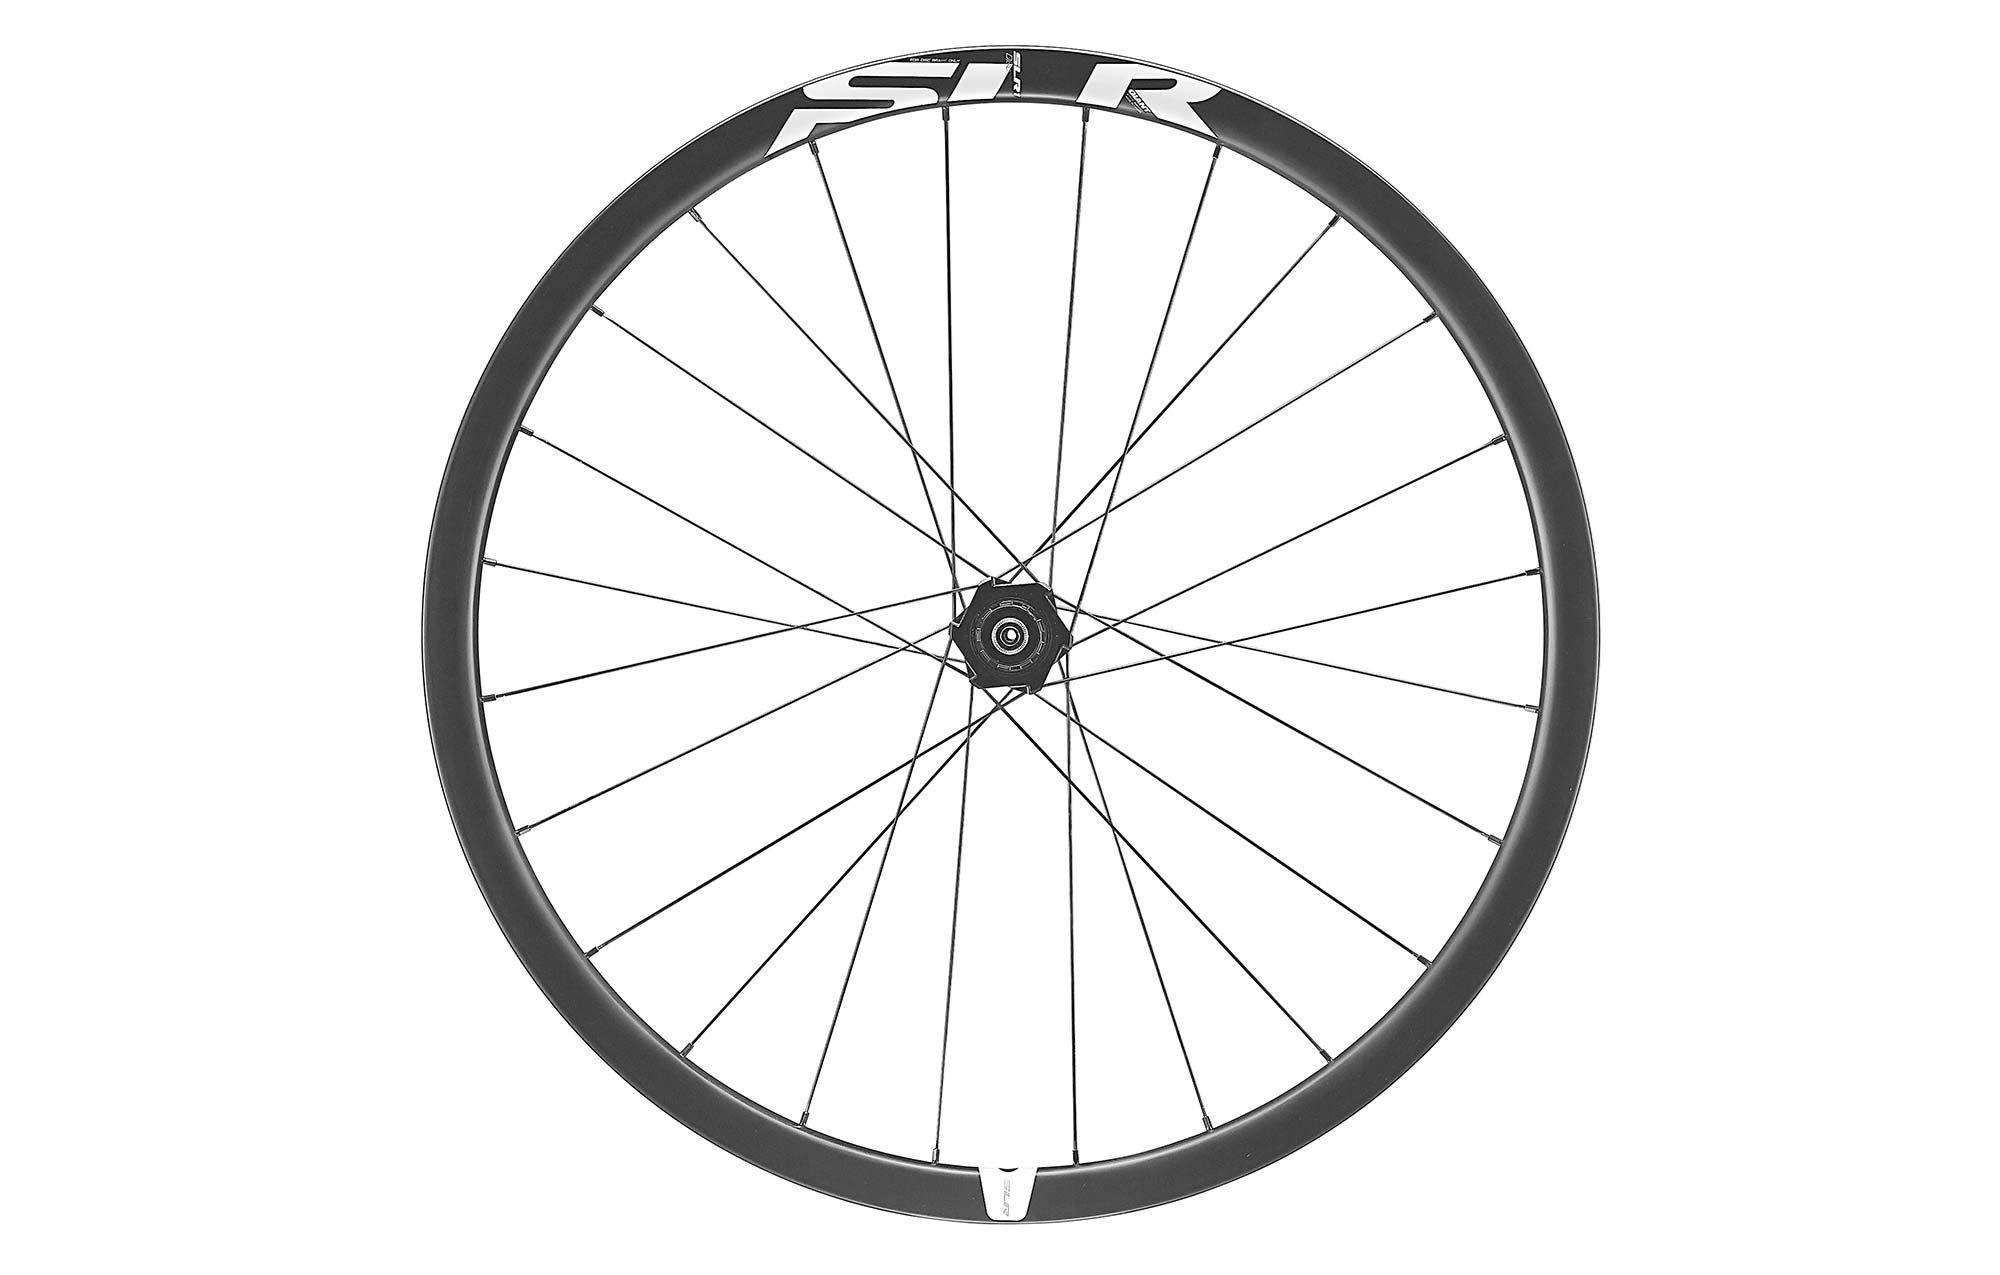 Giant Slr 1 Disc Wheelsystem